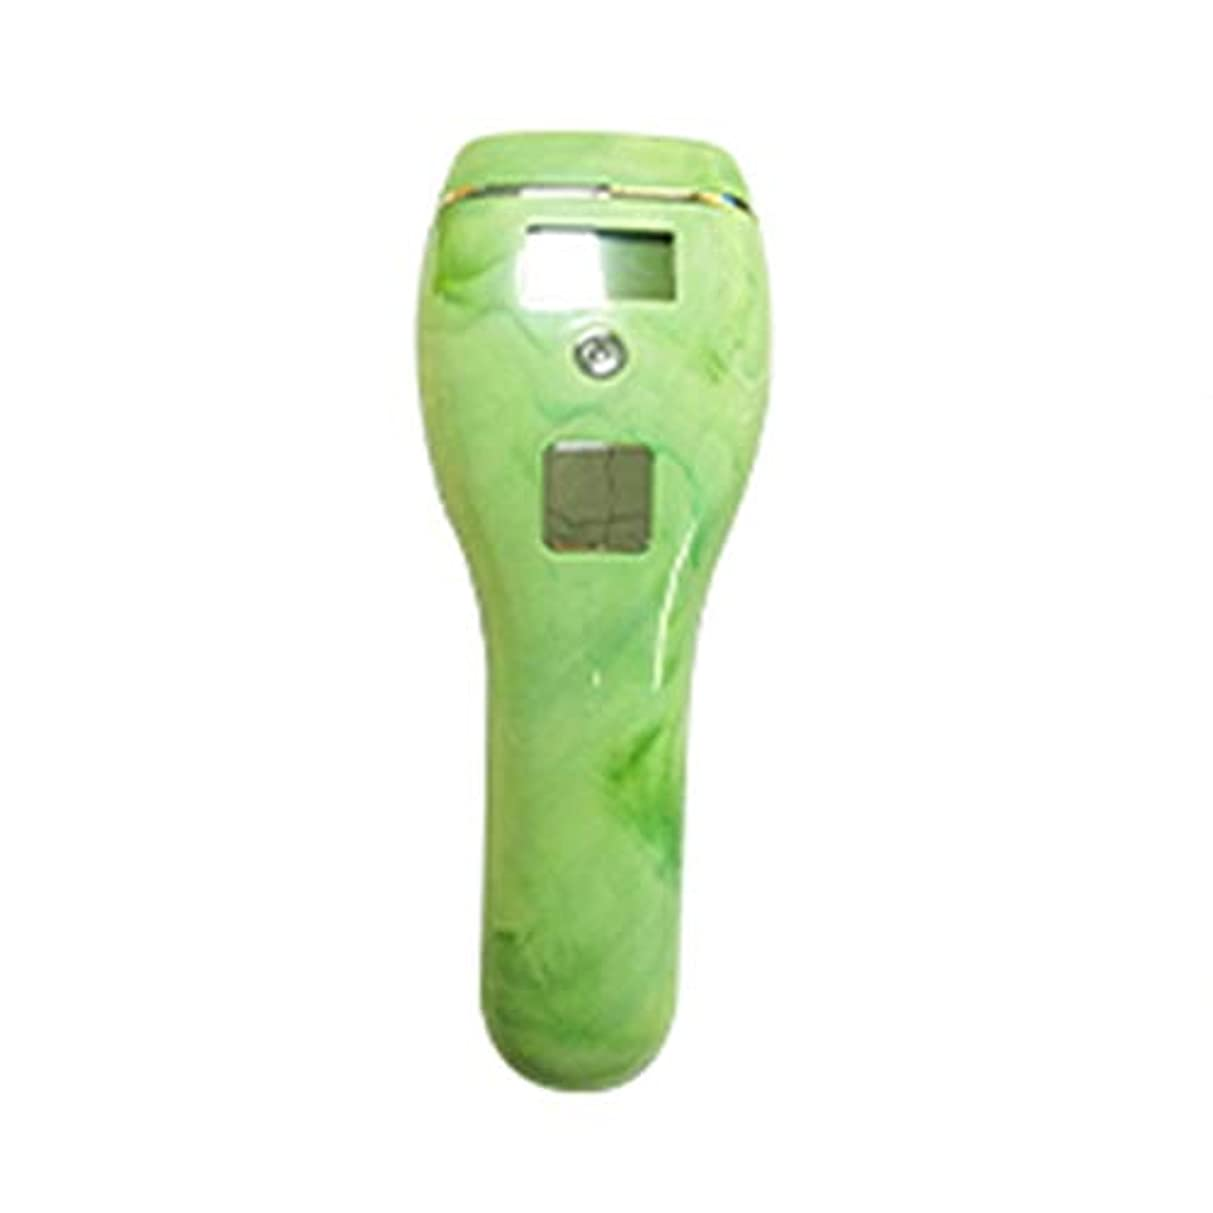 喜ぶ考案するうま自動肌のカラーセンシング、グリーン、5速調整、クォーツチューブ、携帯用痛みのない全身凍結乾燥用除湿器、サイズ19x7x5cm 髪以外はきれい (Color : Green)